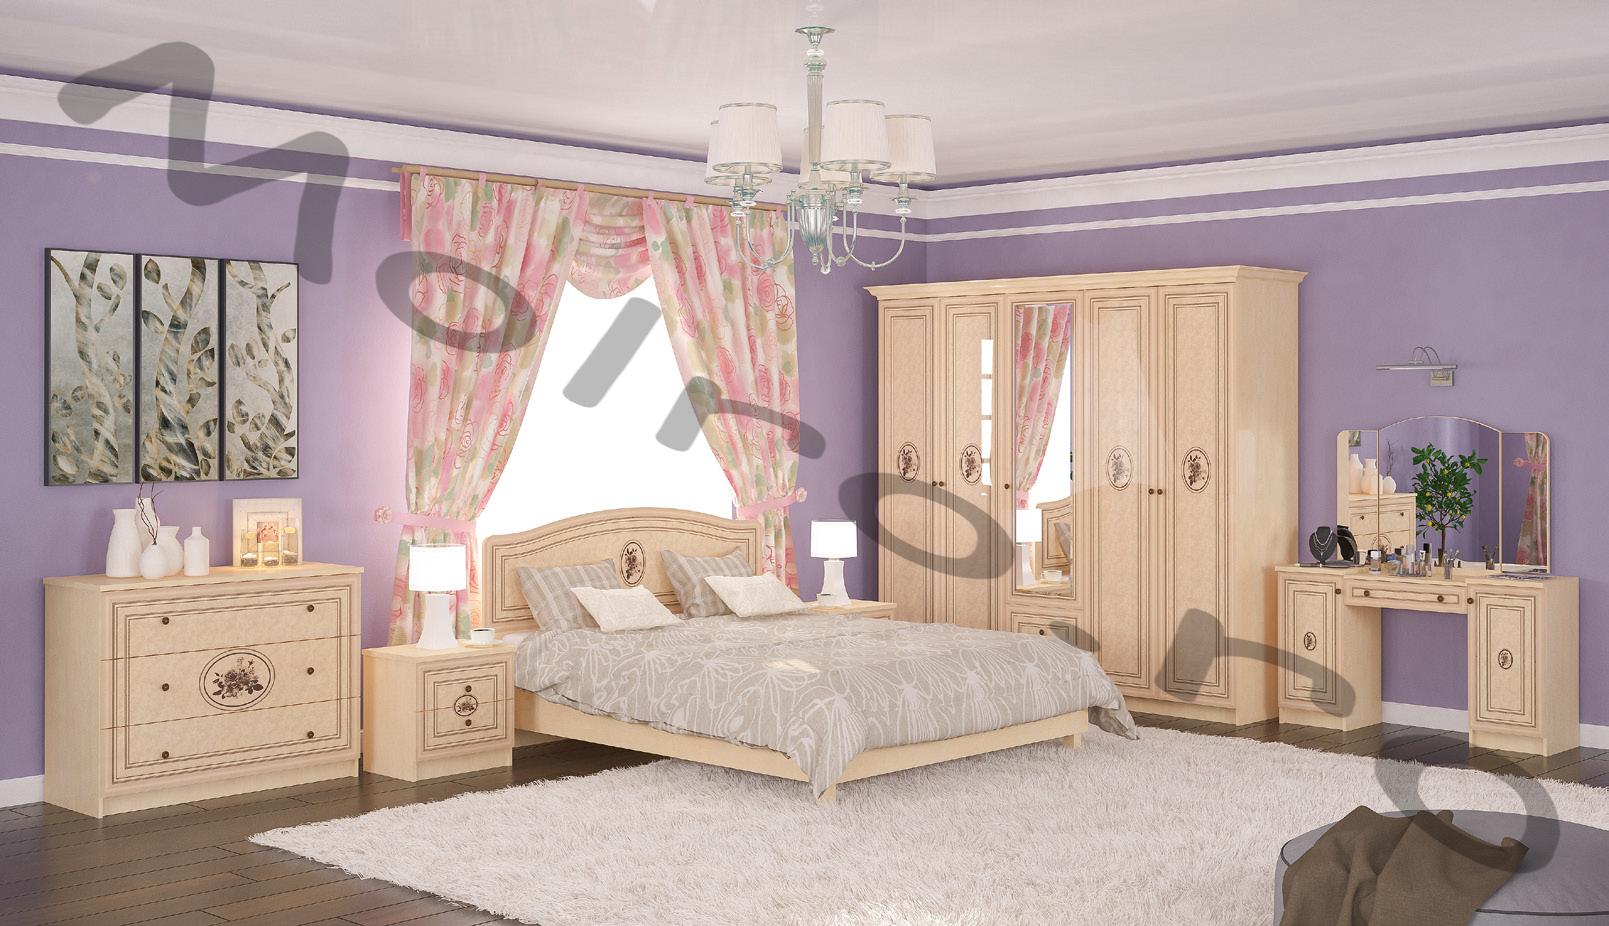 Dormitor seria floris (1)